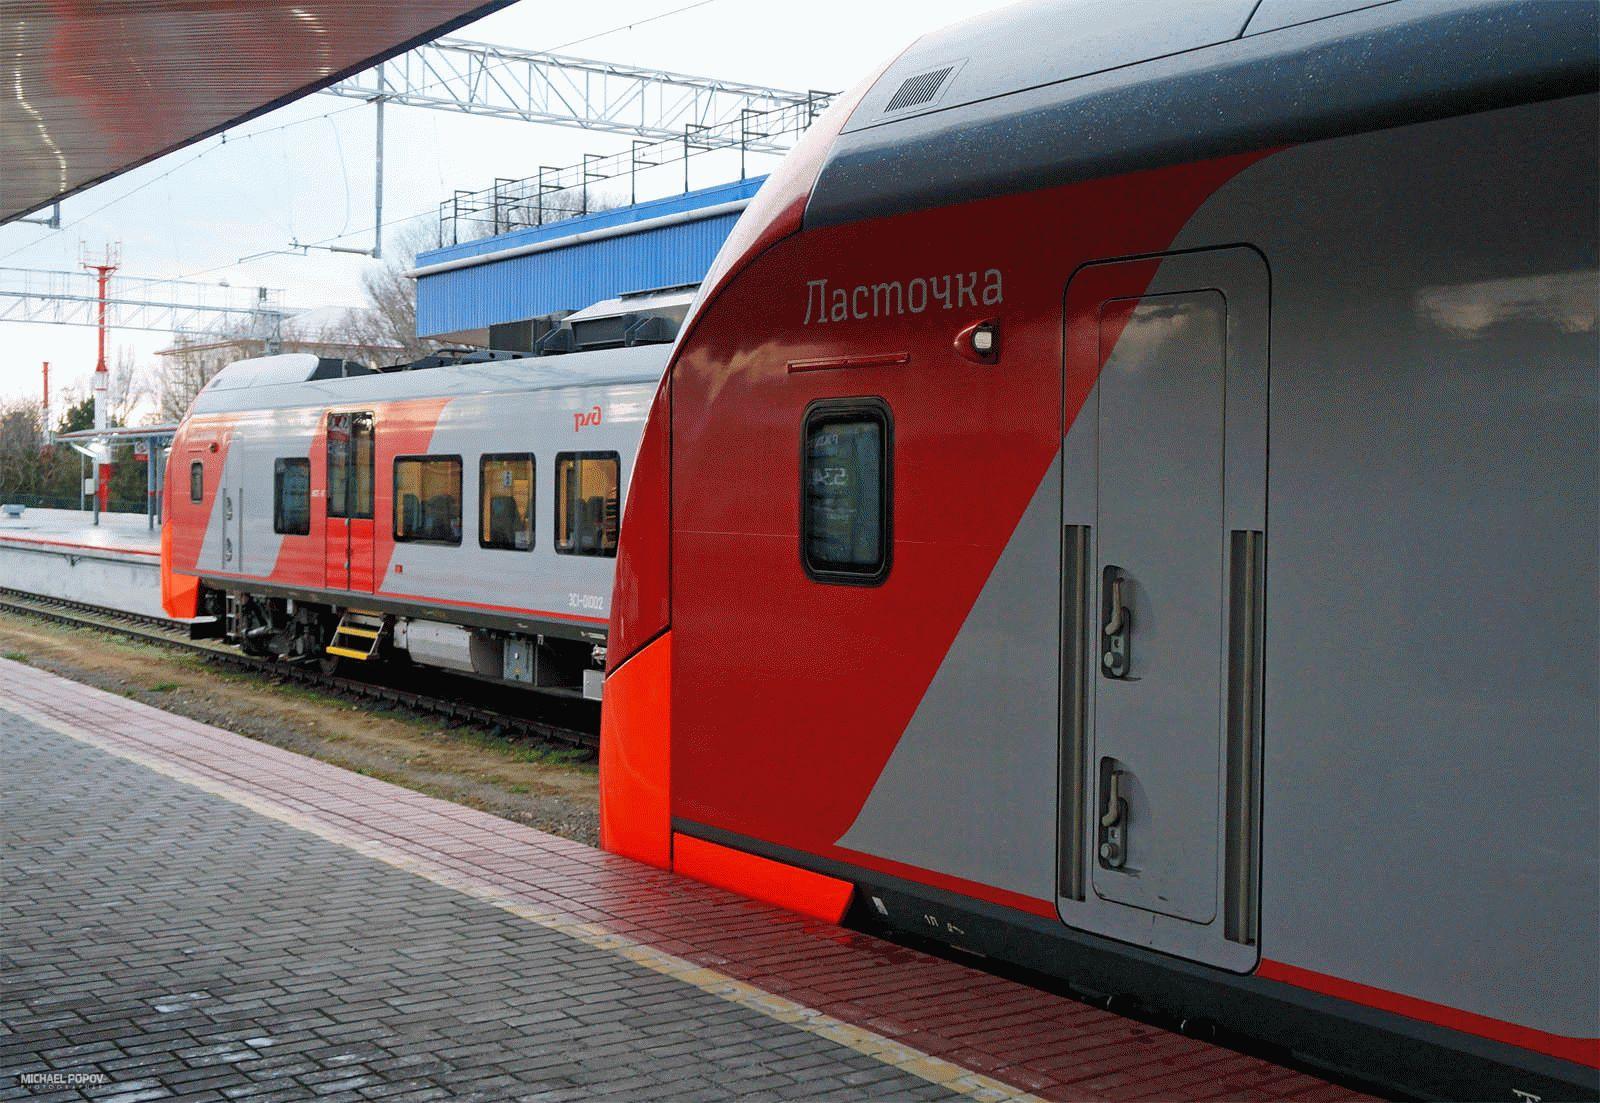 Поезда Ласточки популярны по всей России